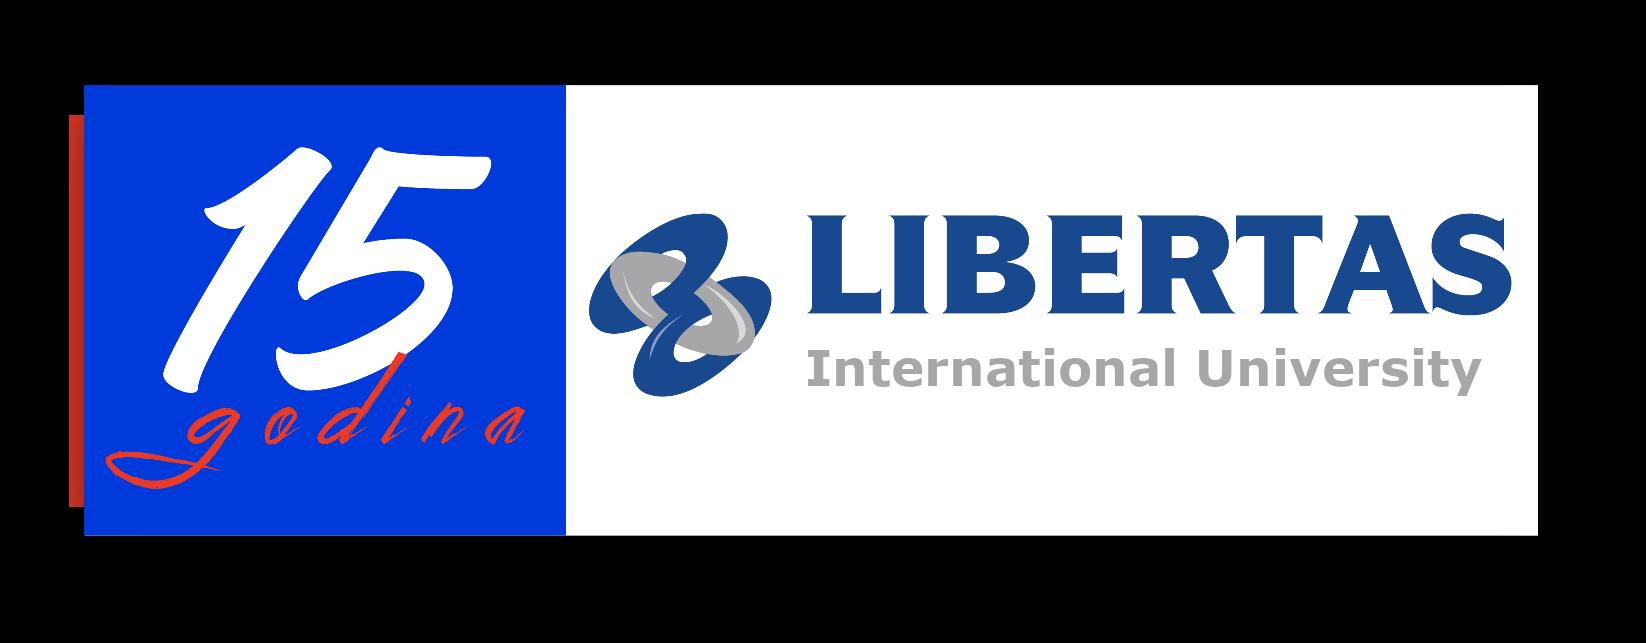 Libertas međunarodno sveučilište